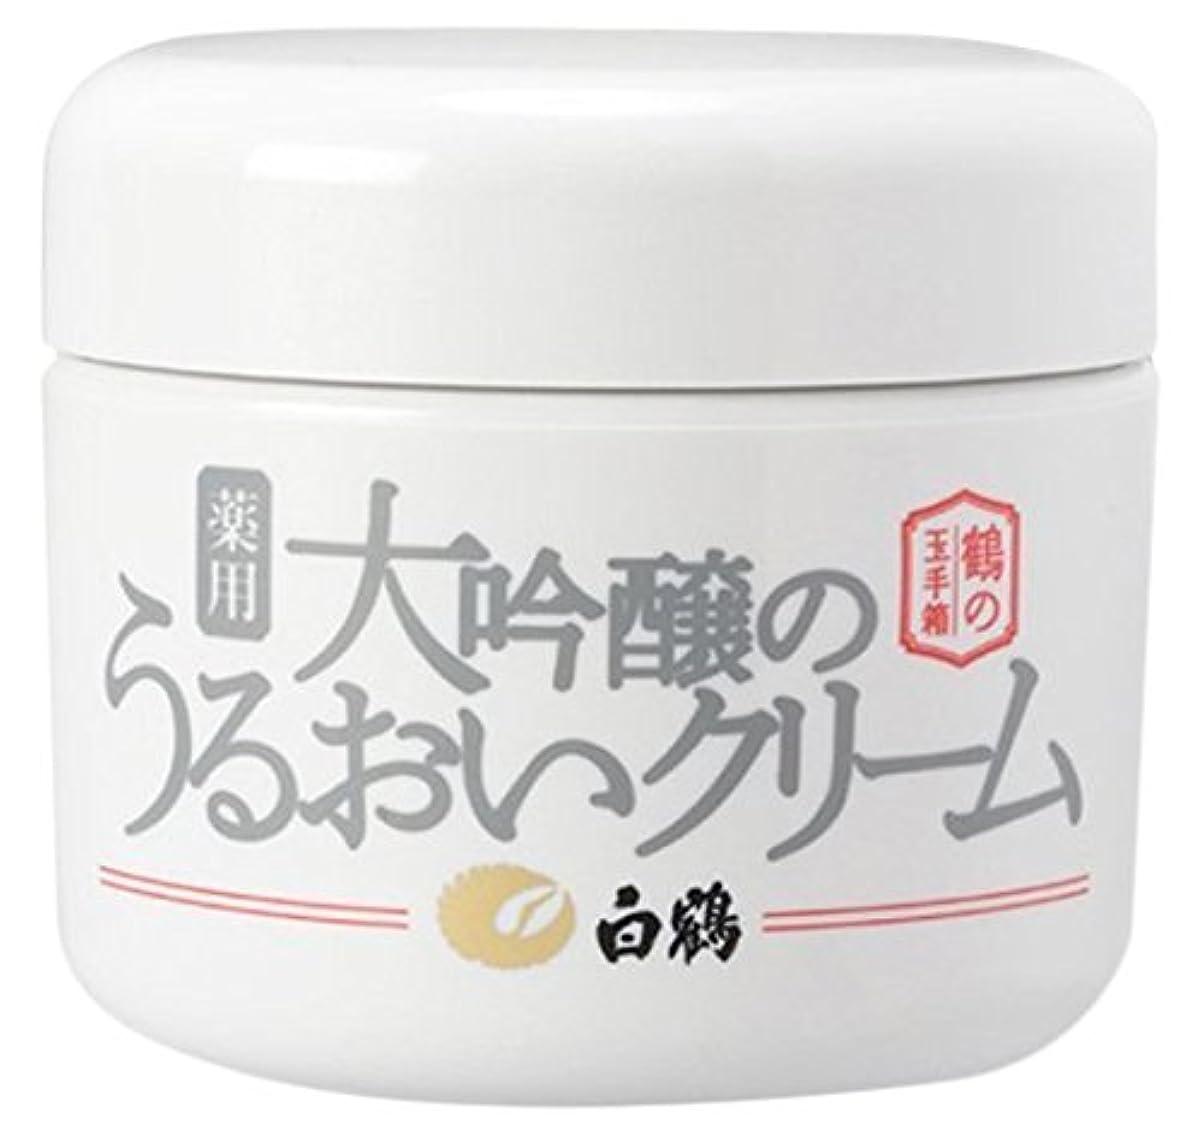 稚魚繊維くるみ白鶴 鶴の玉手箱 薬用 大吟醸のうるおいクリーム 90g